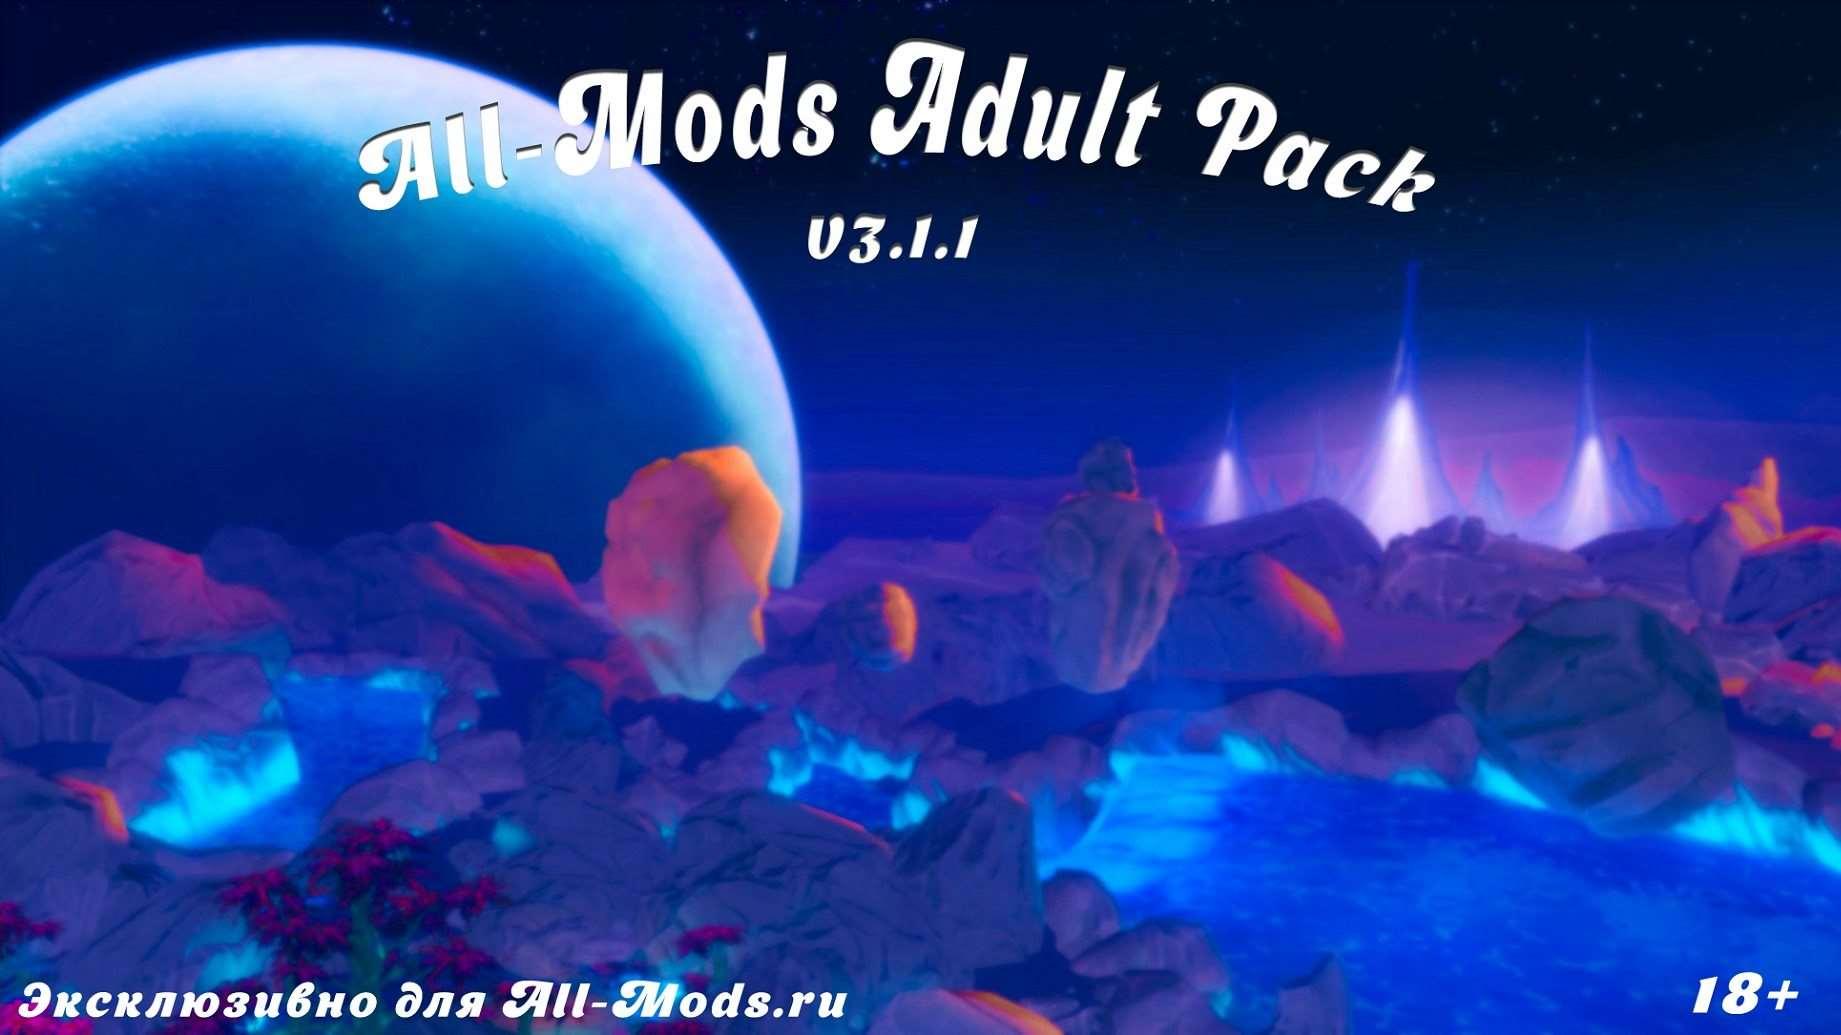 [v3.1.1] Sims 4 — Сборка «All-Mods Для взрослых» (для версии 1.72.28.1020) (+ UPDATE for 1.73.57.xxxx)